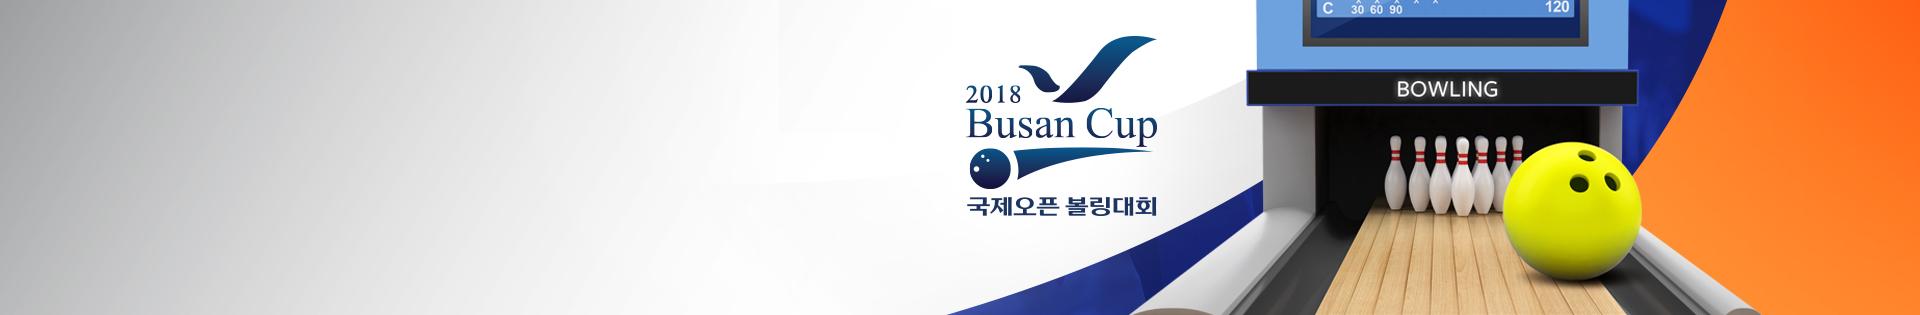 부산컵 국제오픈 볼링대회 프로그램 이미지